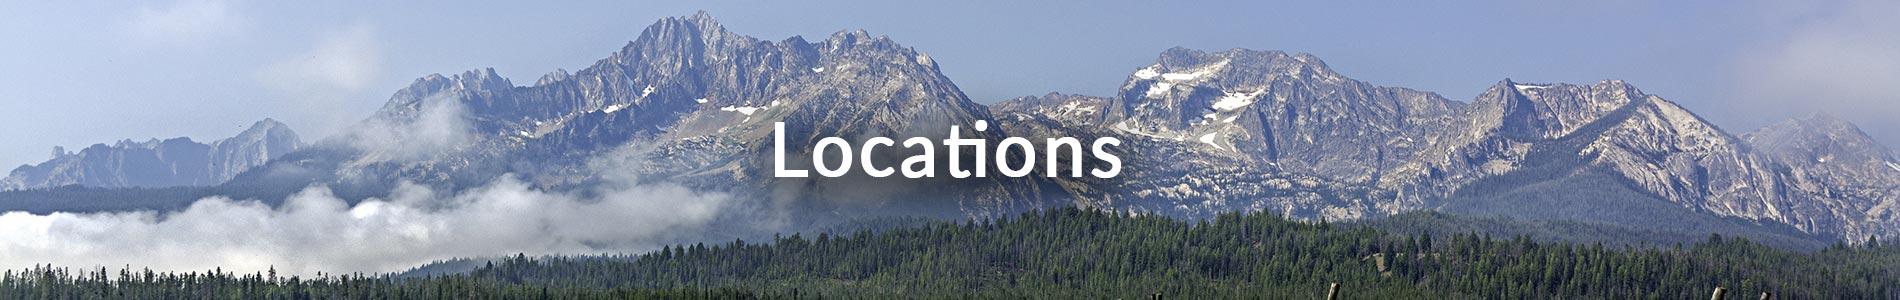 Locations_header_rev2